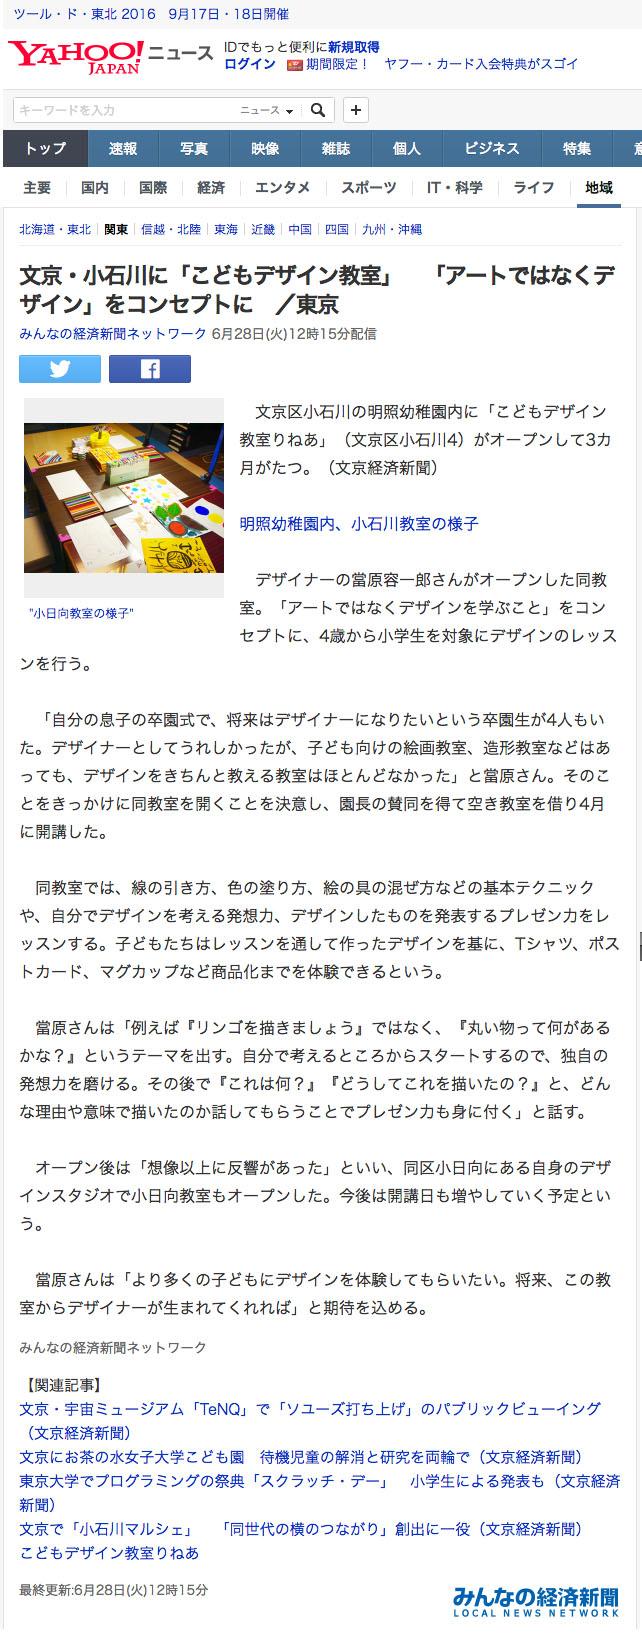 こどもデザイン教室りねあが文京経済新聞で紹介されました_c0061896_10352332.jpg